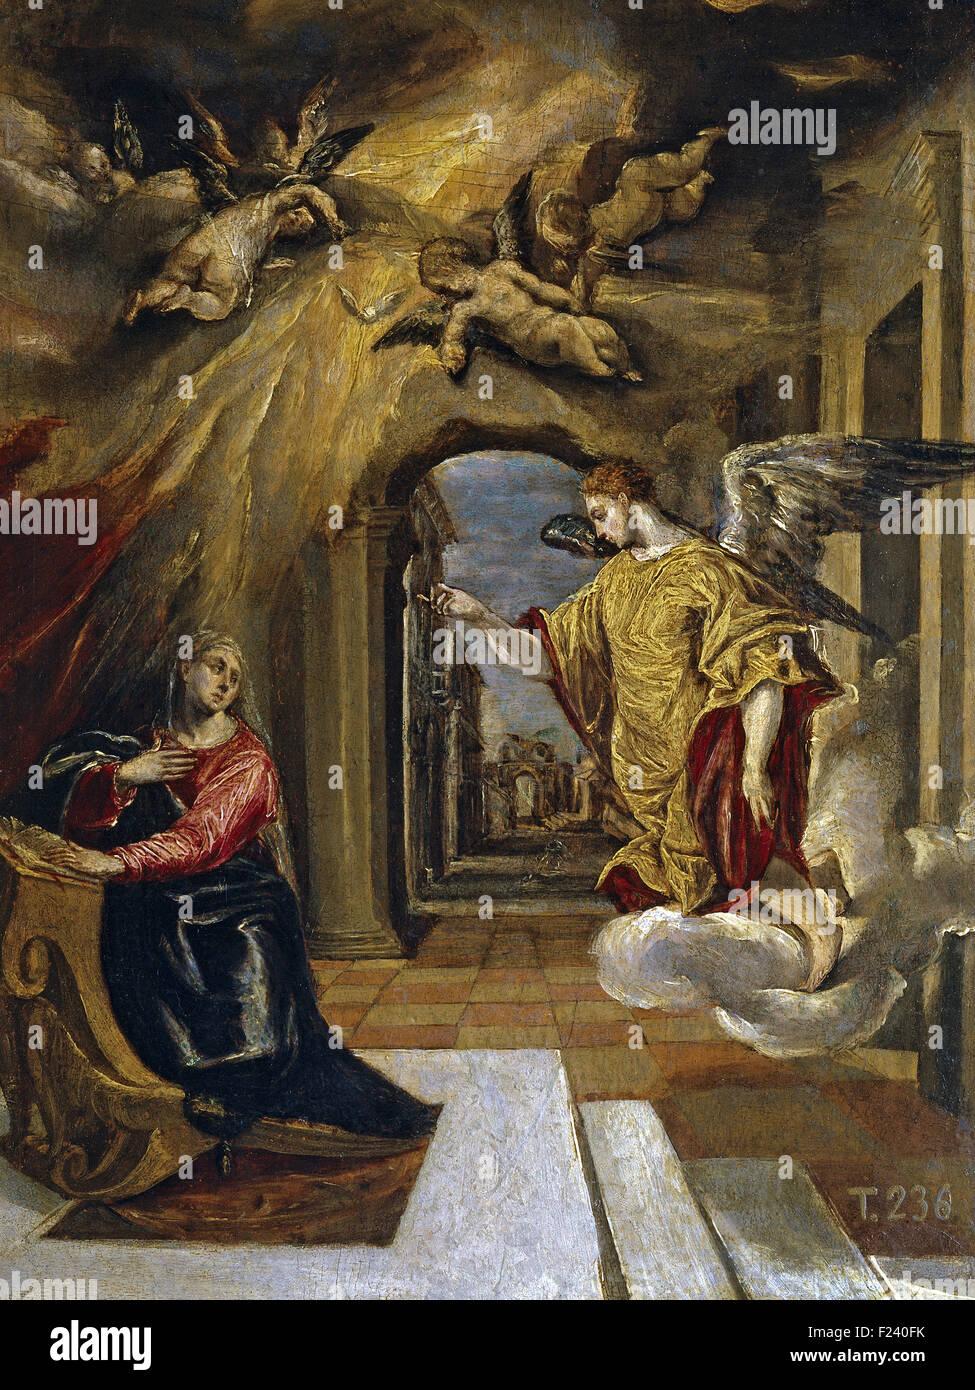 El Greco - The Annunciation 16 - Stock Image